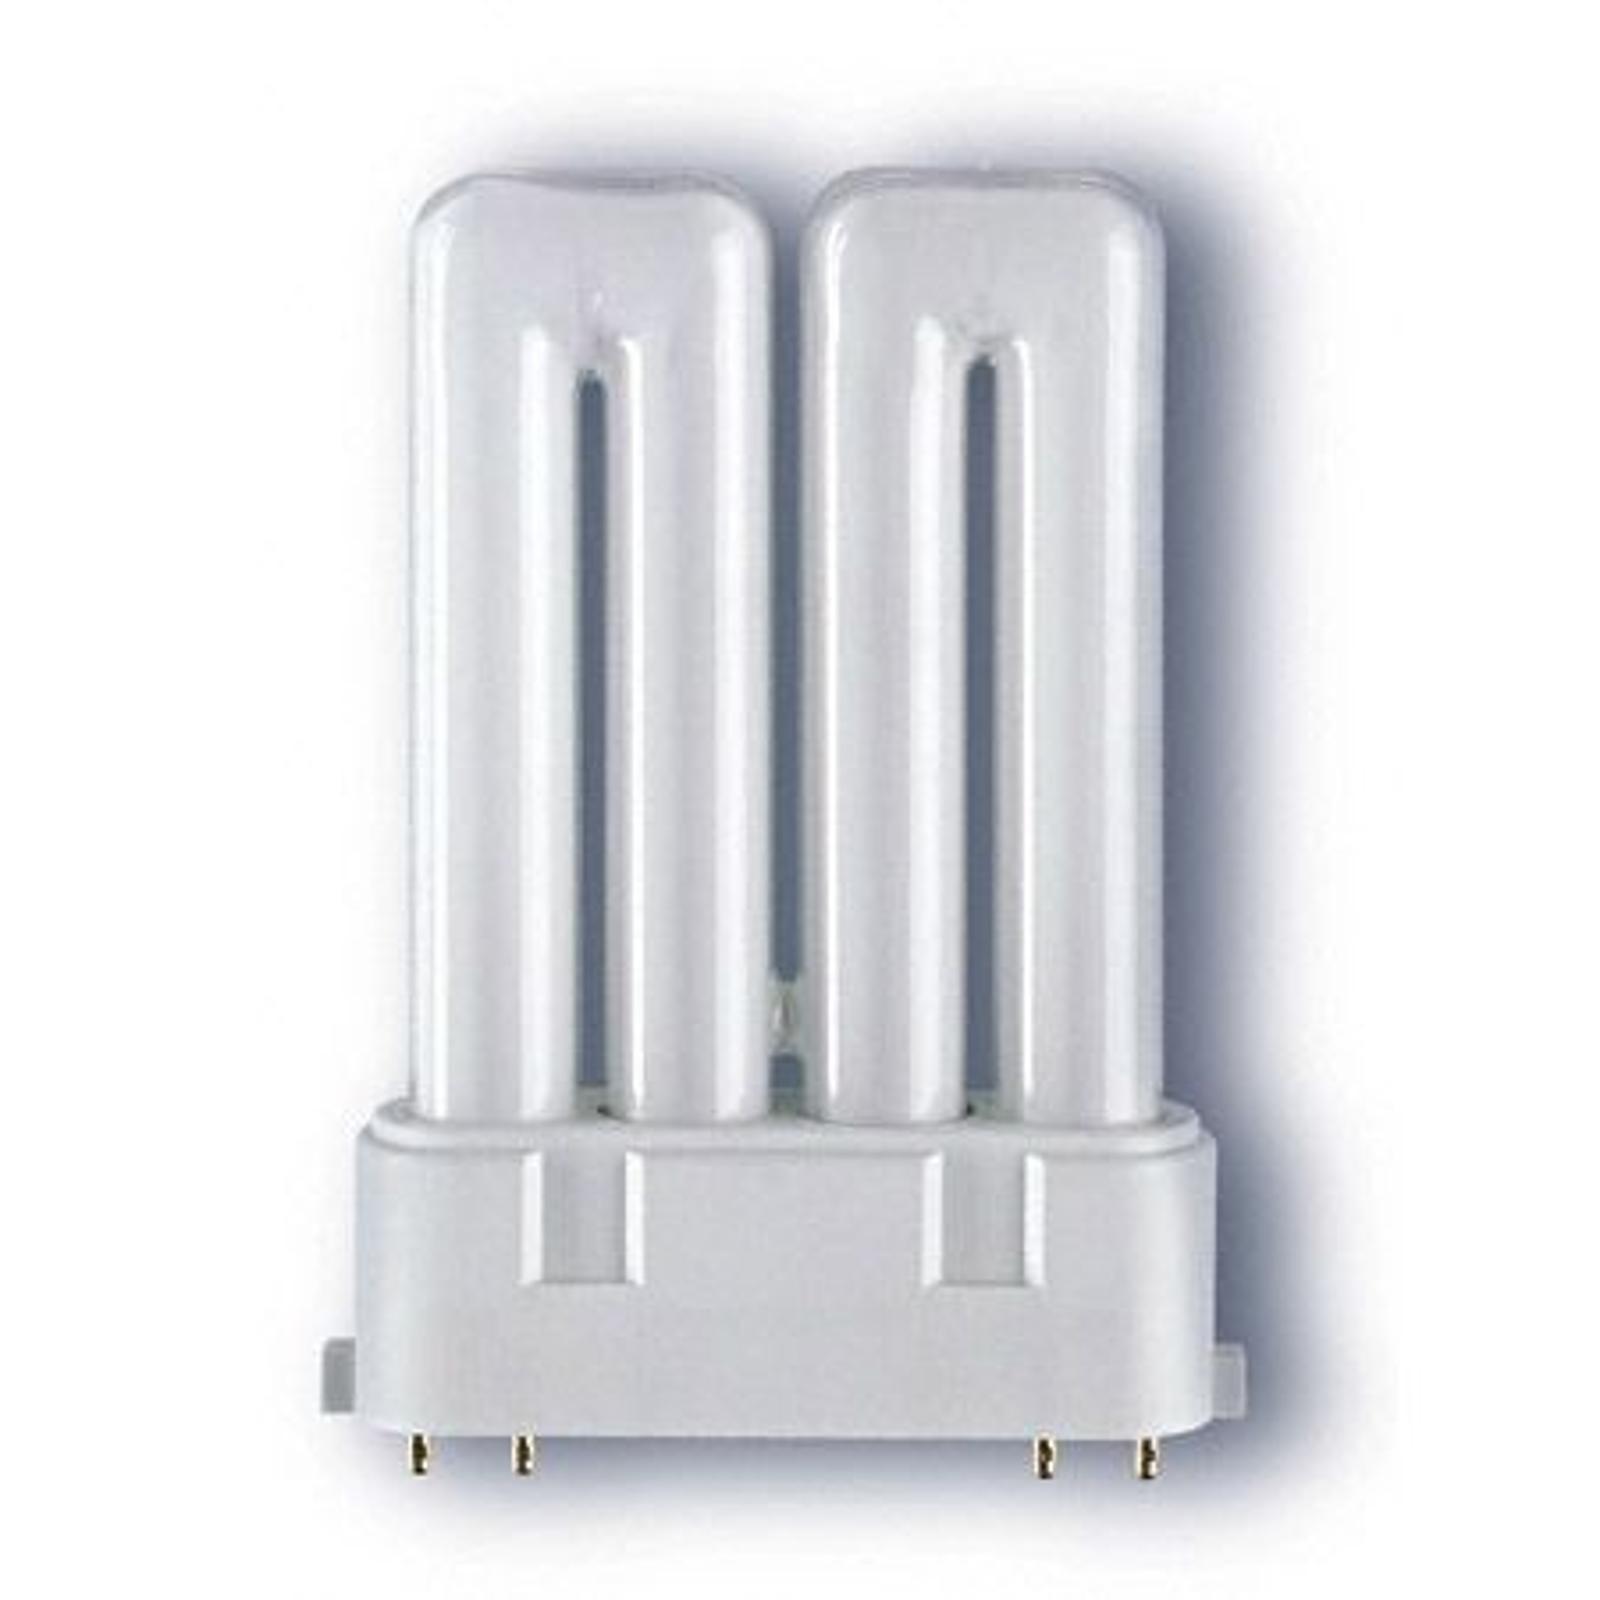 Acquista 2G10 fluorescente compatta Dulux F